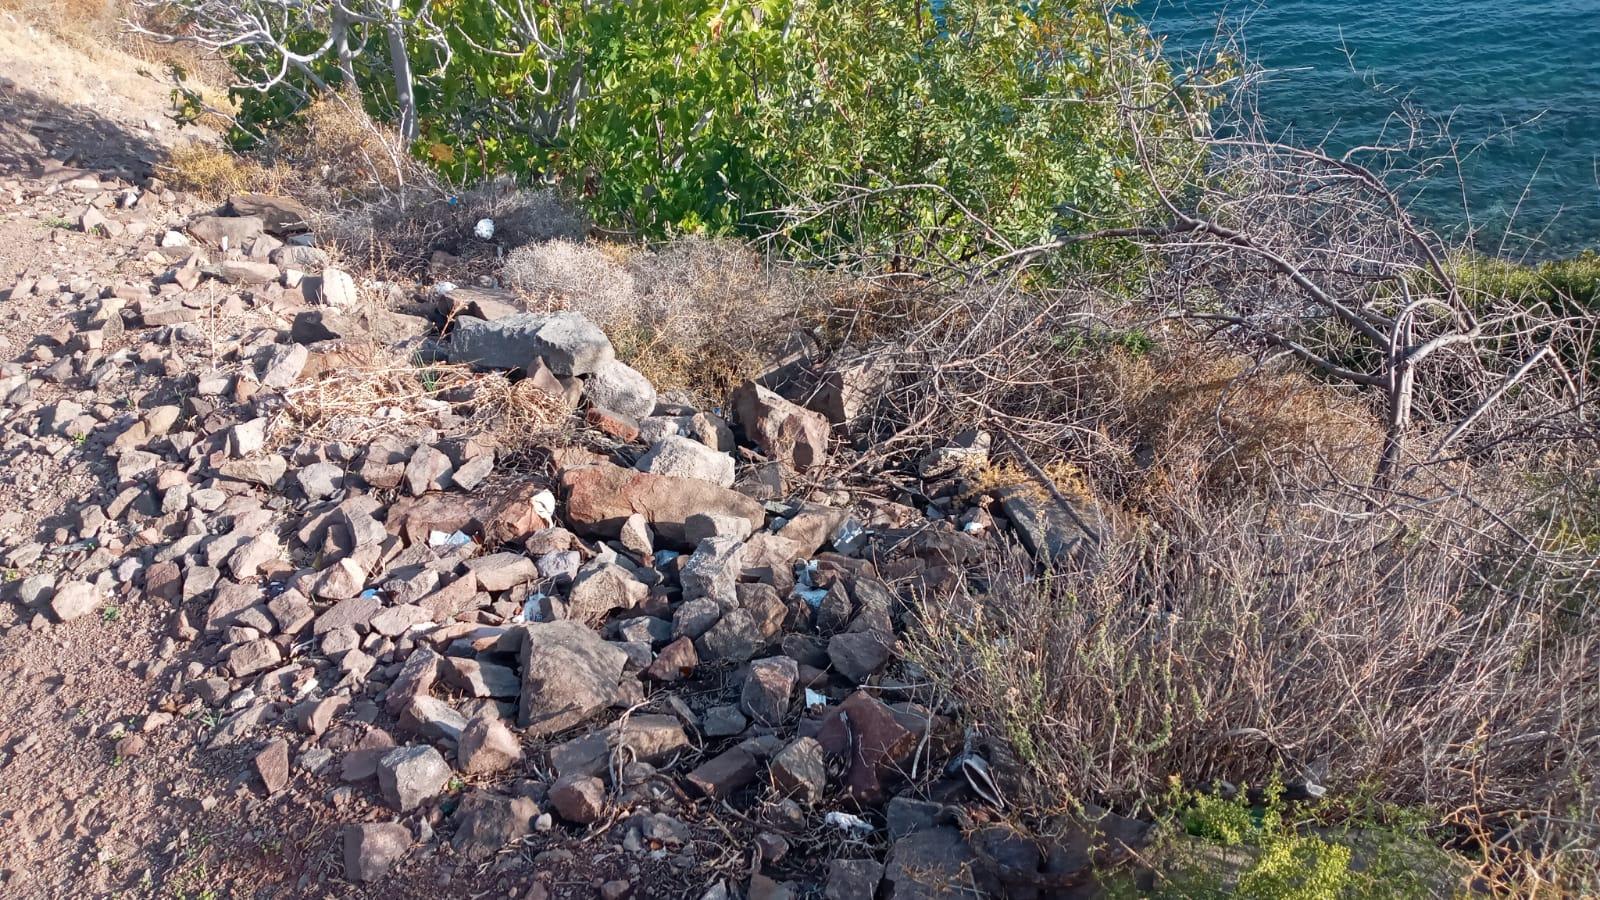 Ayvacık'ta kayalar araziden koparak düştü